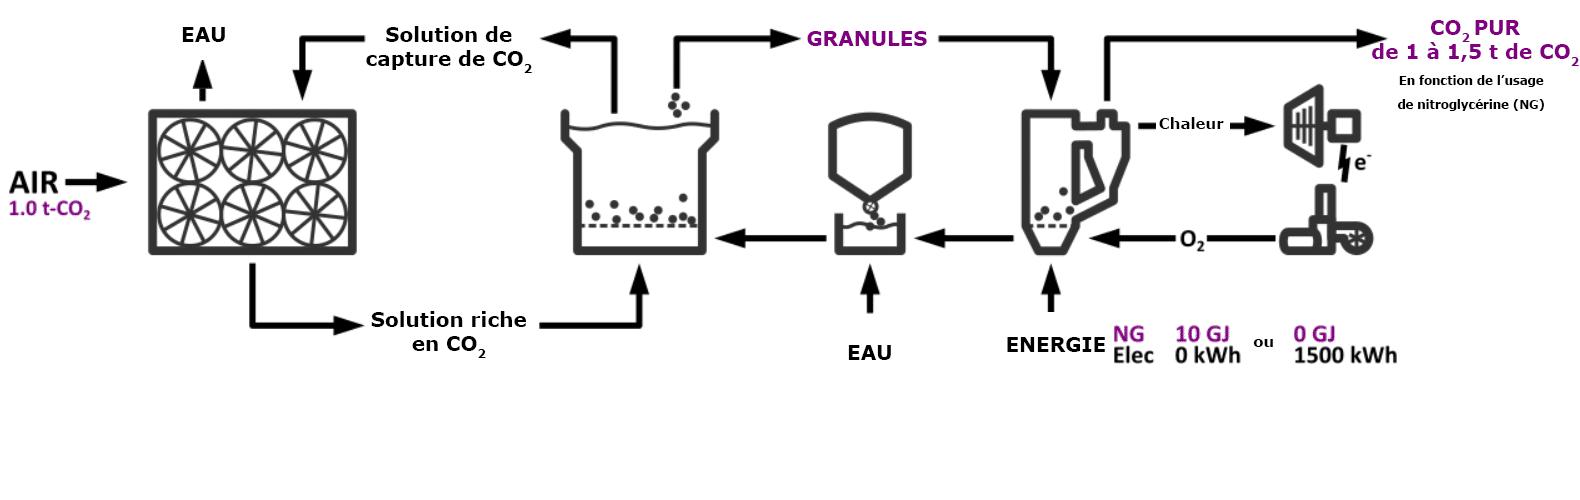 Schéma technique de capture de CO2 dans l'air. Crédits : Carbon Engineering Ltd.